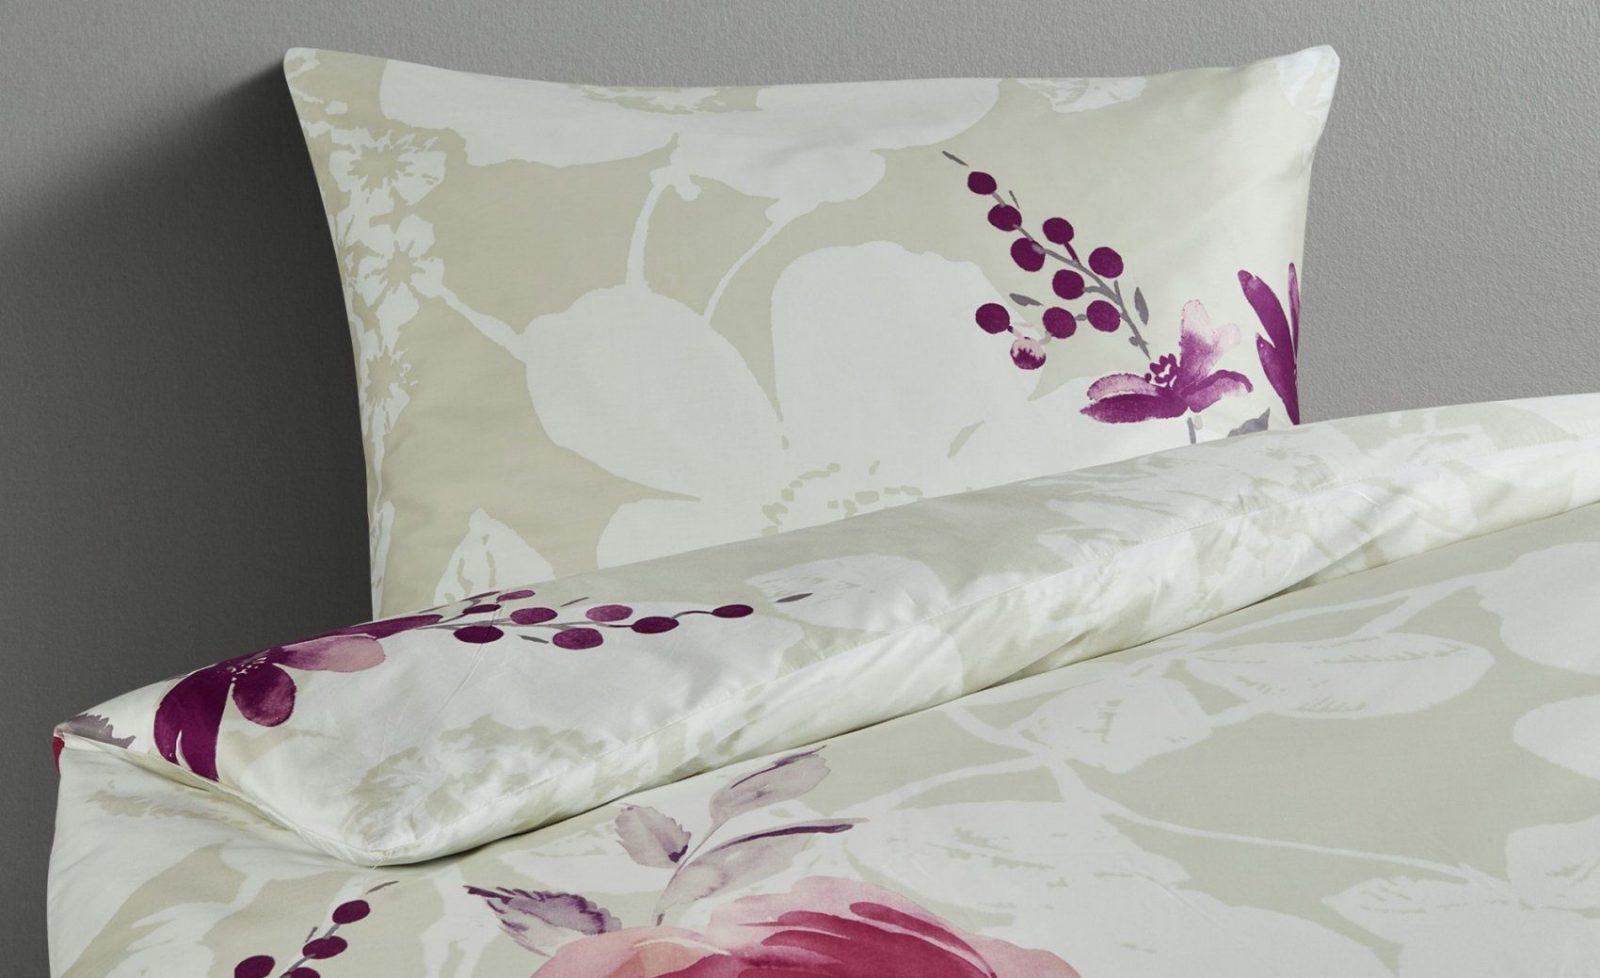 Belcampo Satinbettwäsche Ed 185 Rose  Bei Möbel Kraft Online Kaufen von Möbel Kraft Bettwäsche Bild